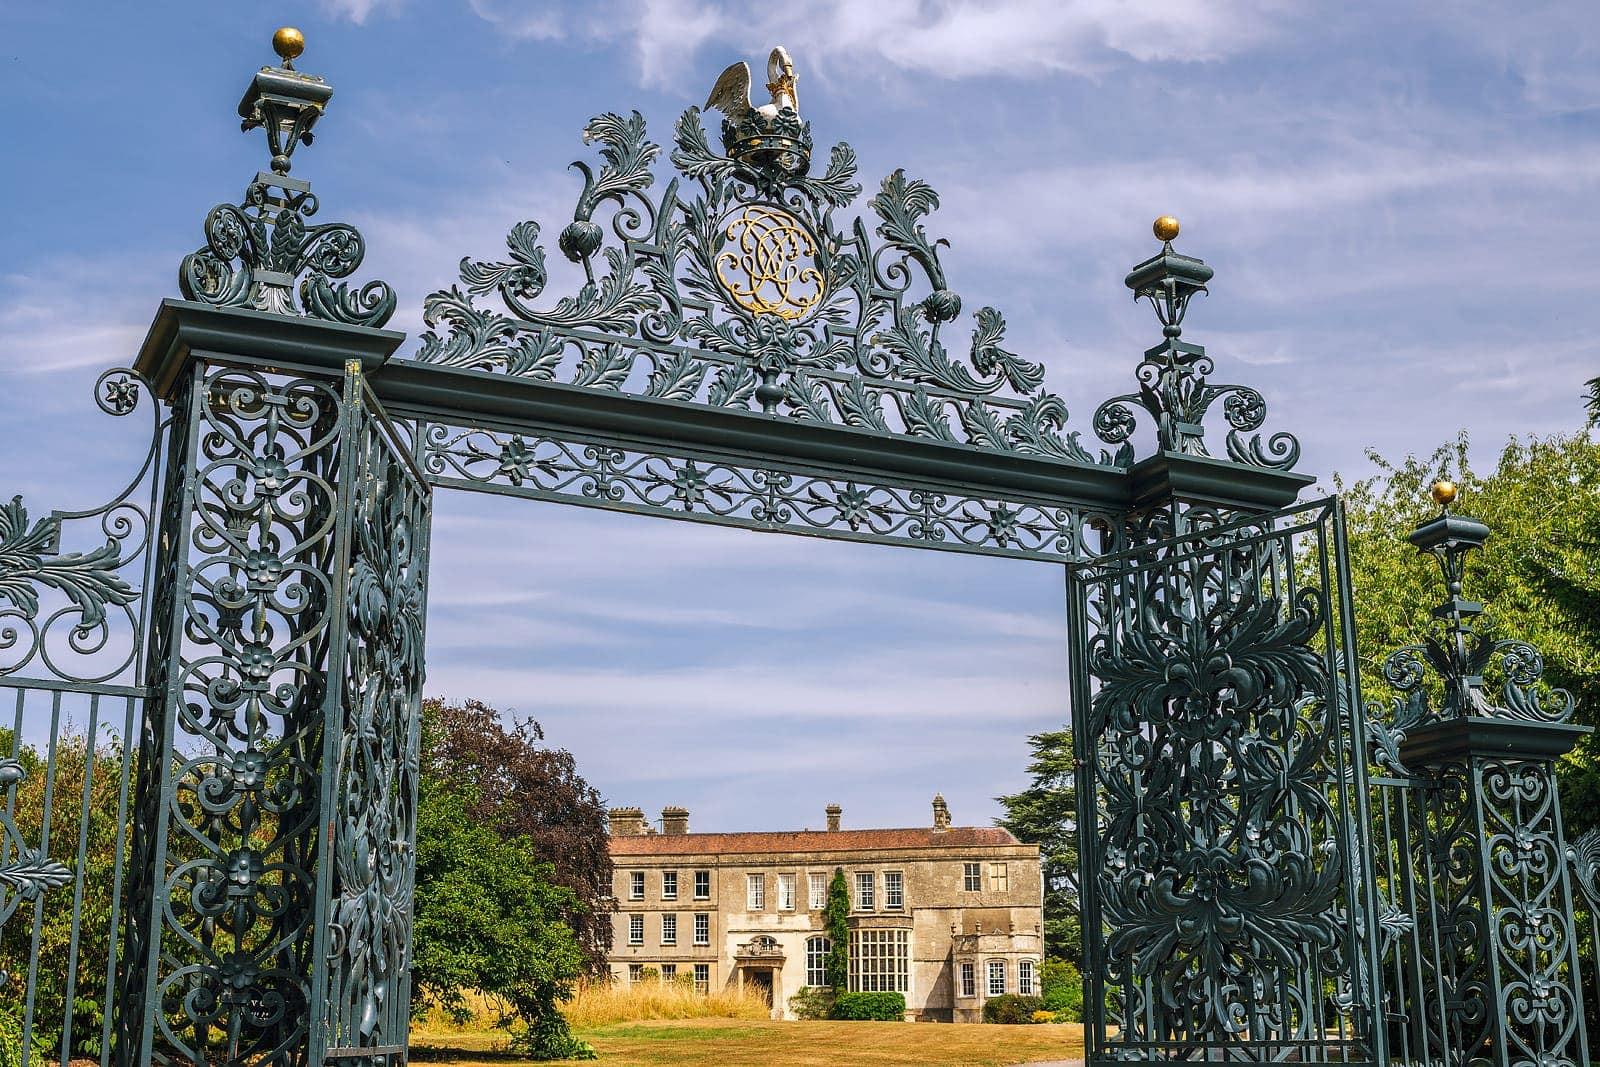 Elmore Court Cotswolds wedding venues